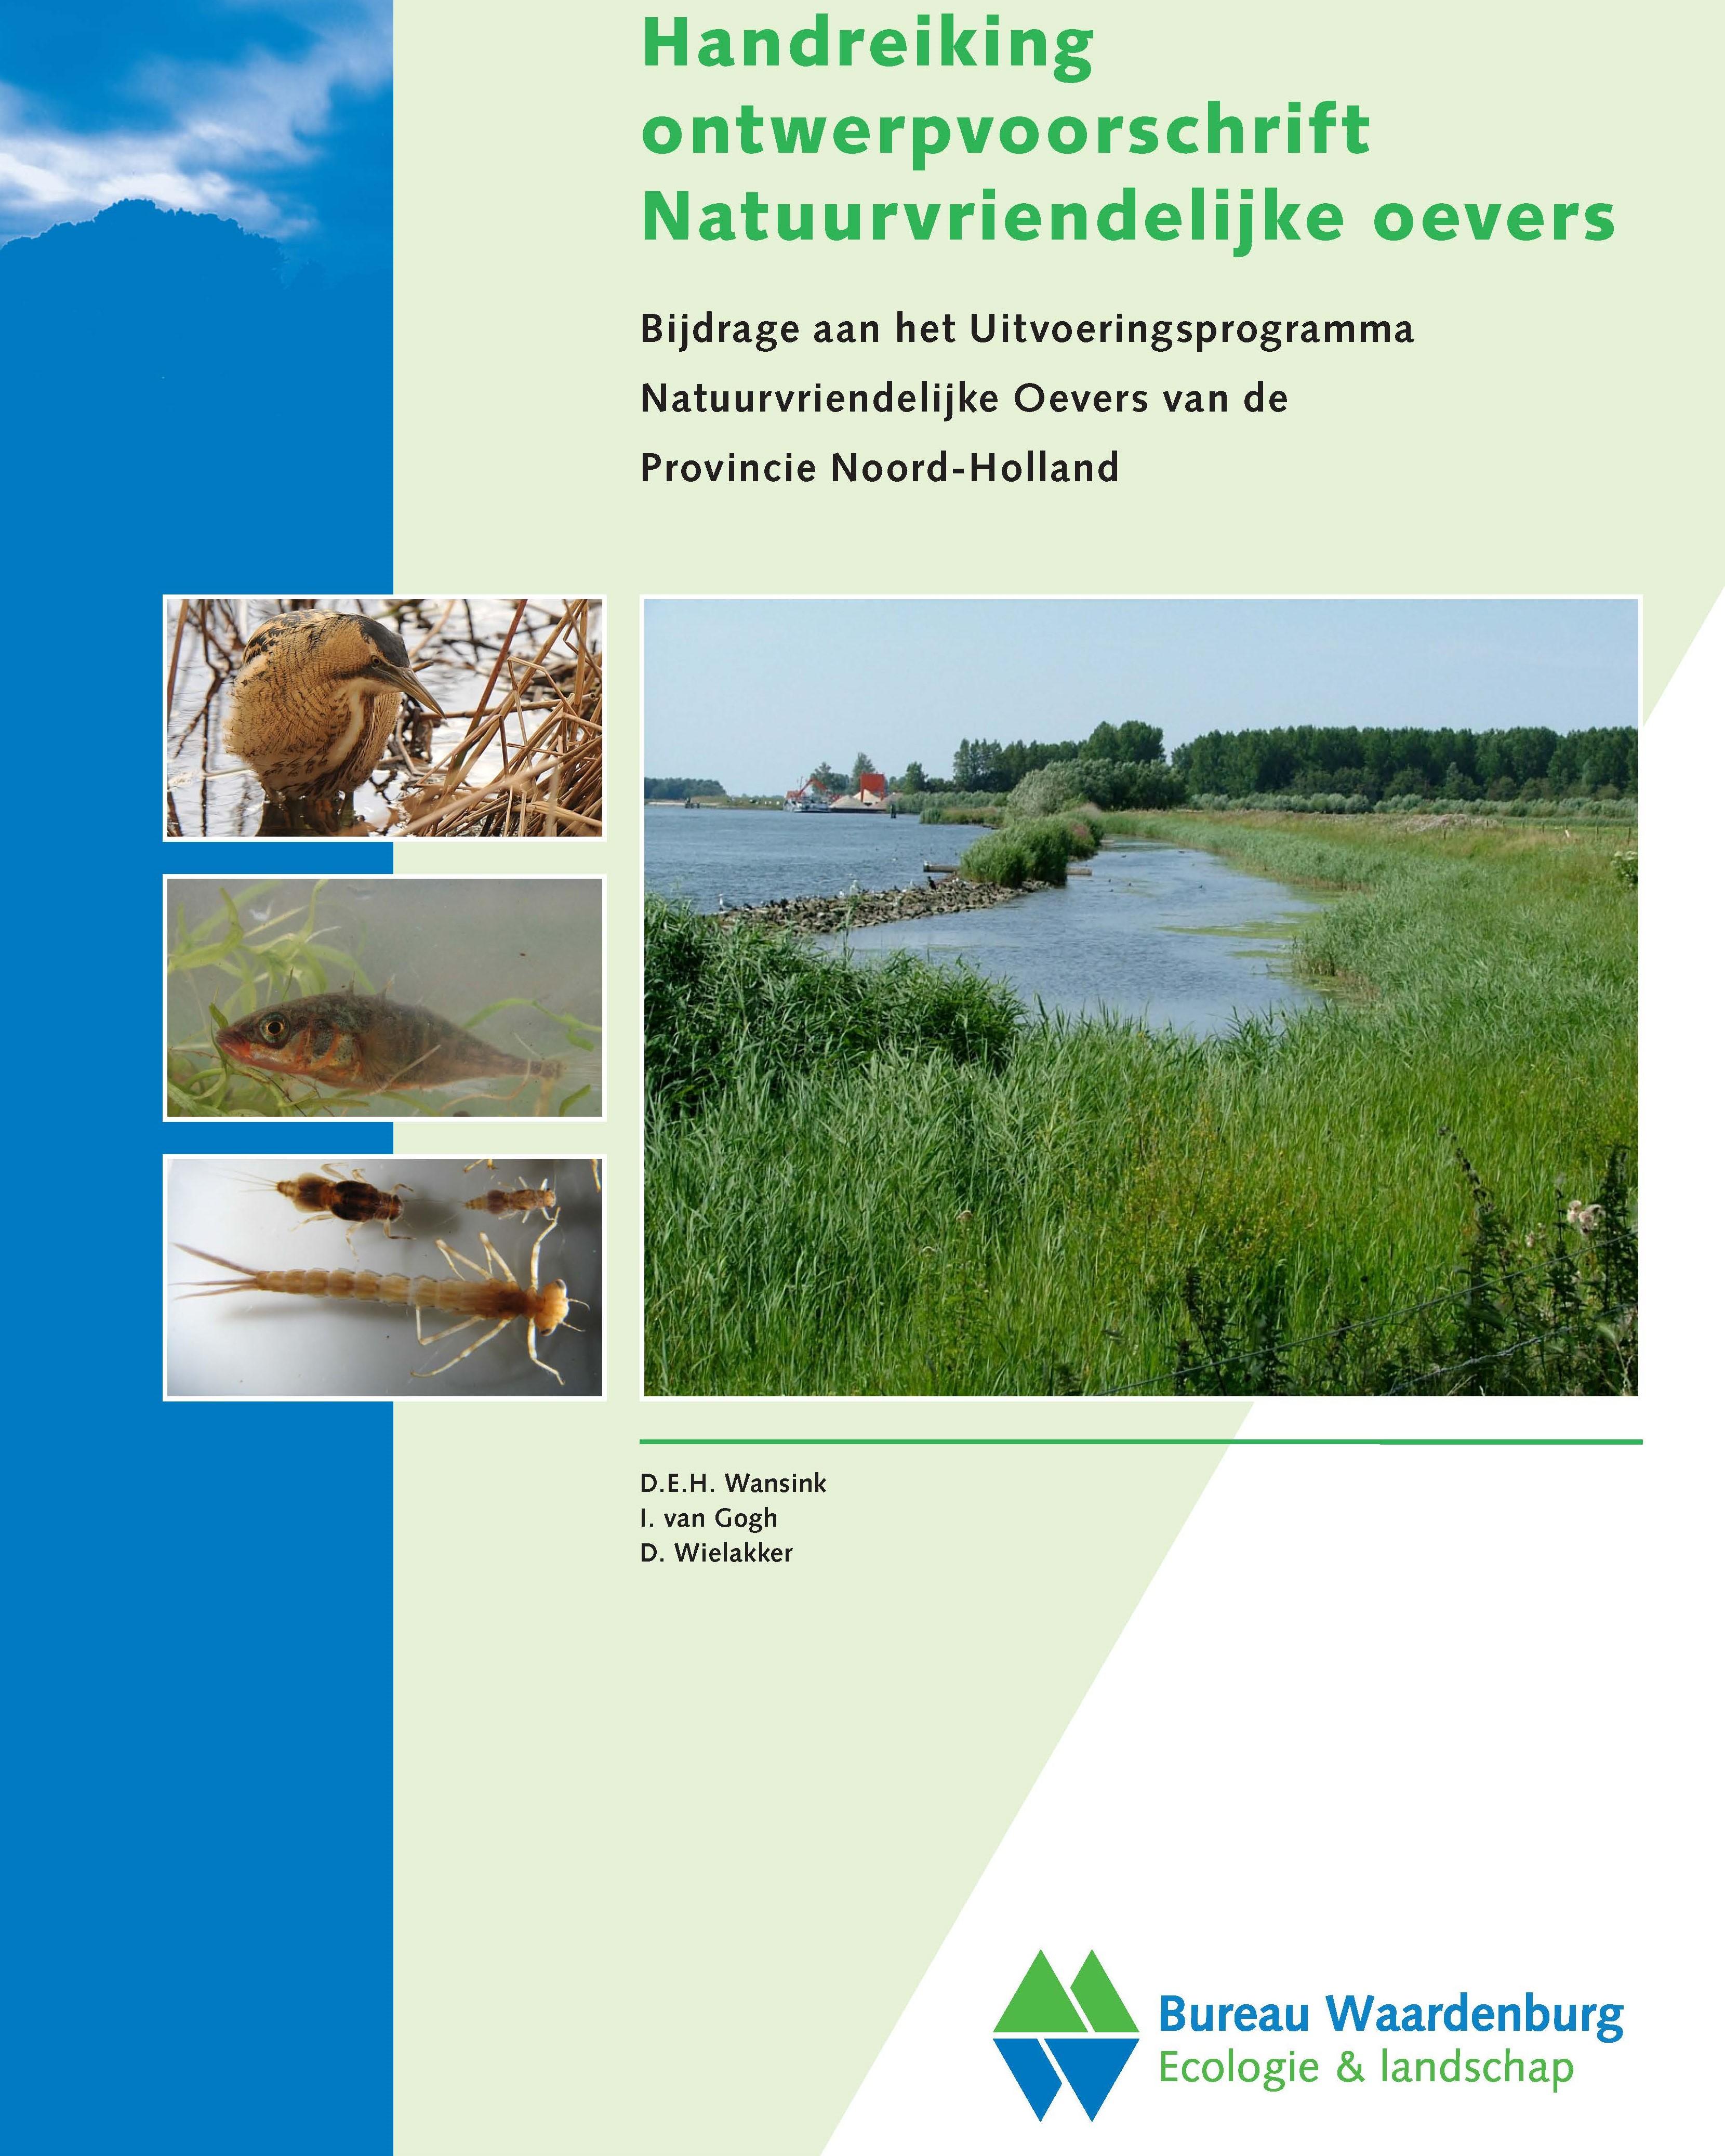 Handreiking ontwerpvoorschrift Natuurvriendelijke oevers Wansink. Bureau Waardenburg